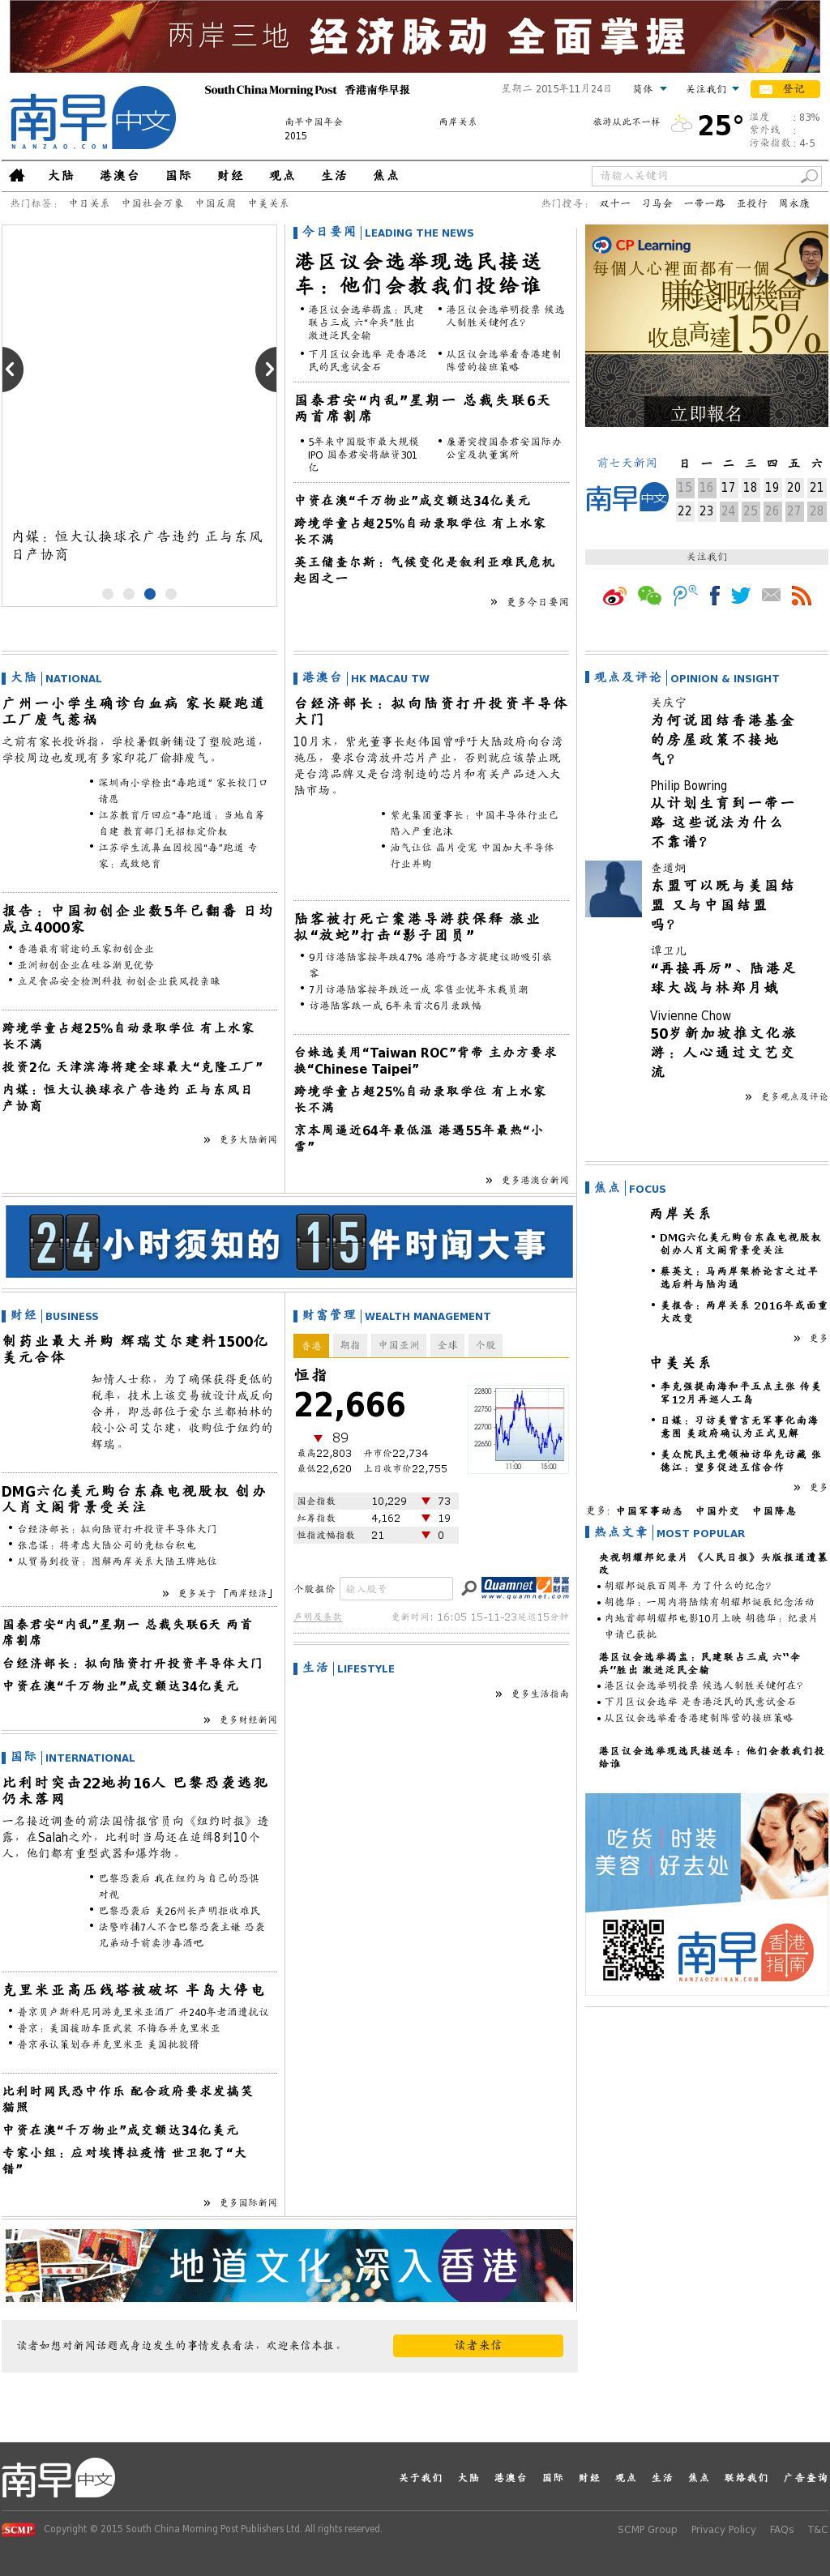 South China Morning Post (Chinese) at Monday Nov. 23, 2015, 4:23 p.m. UTC